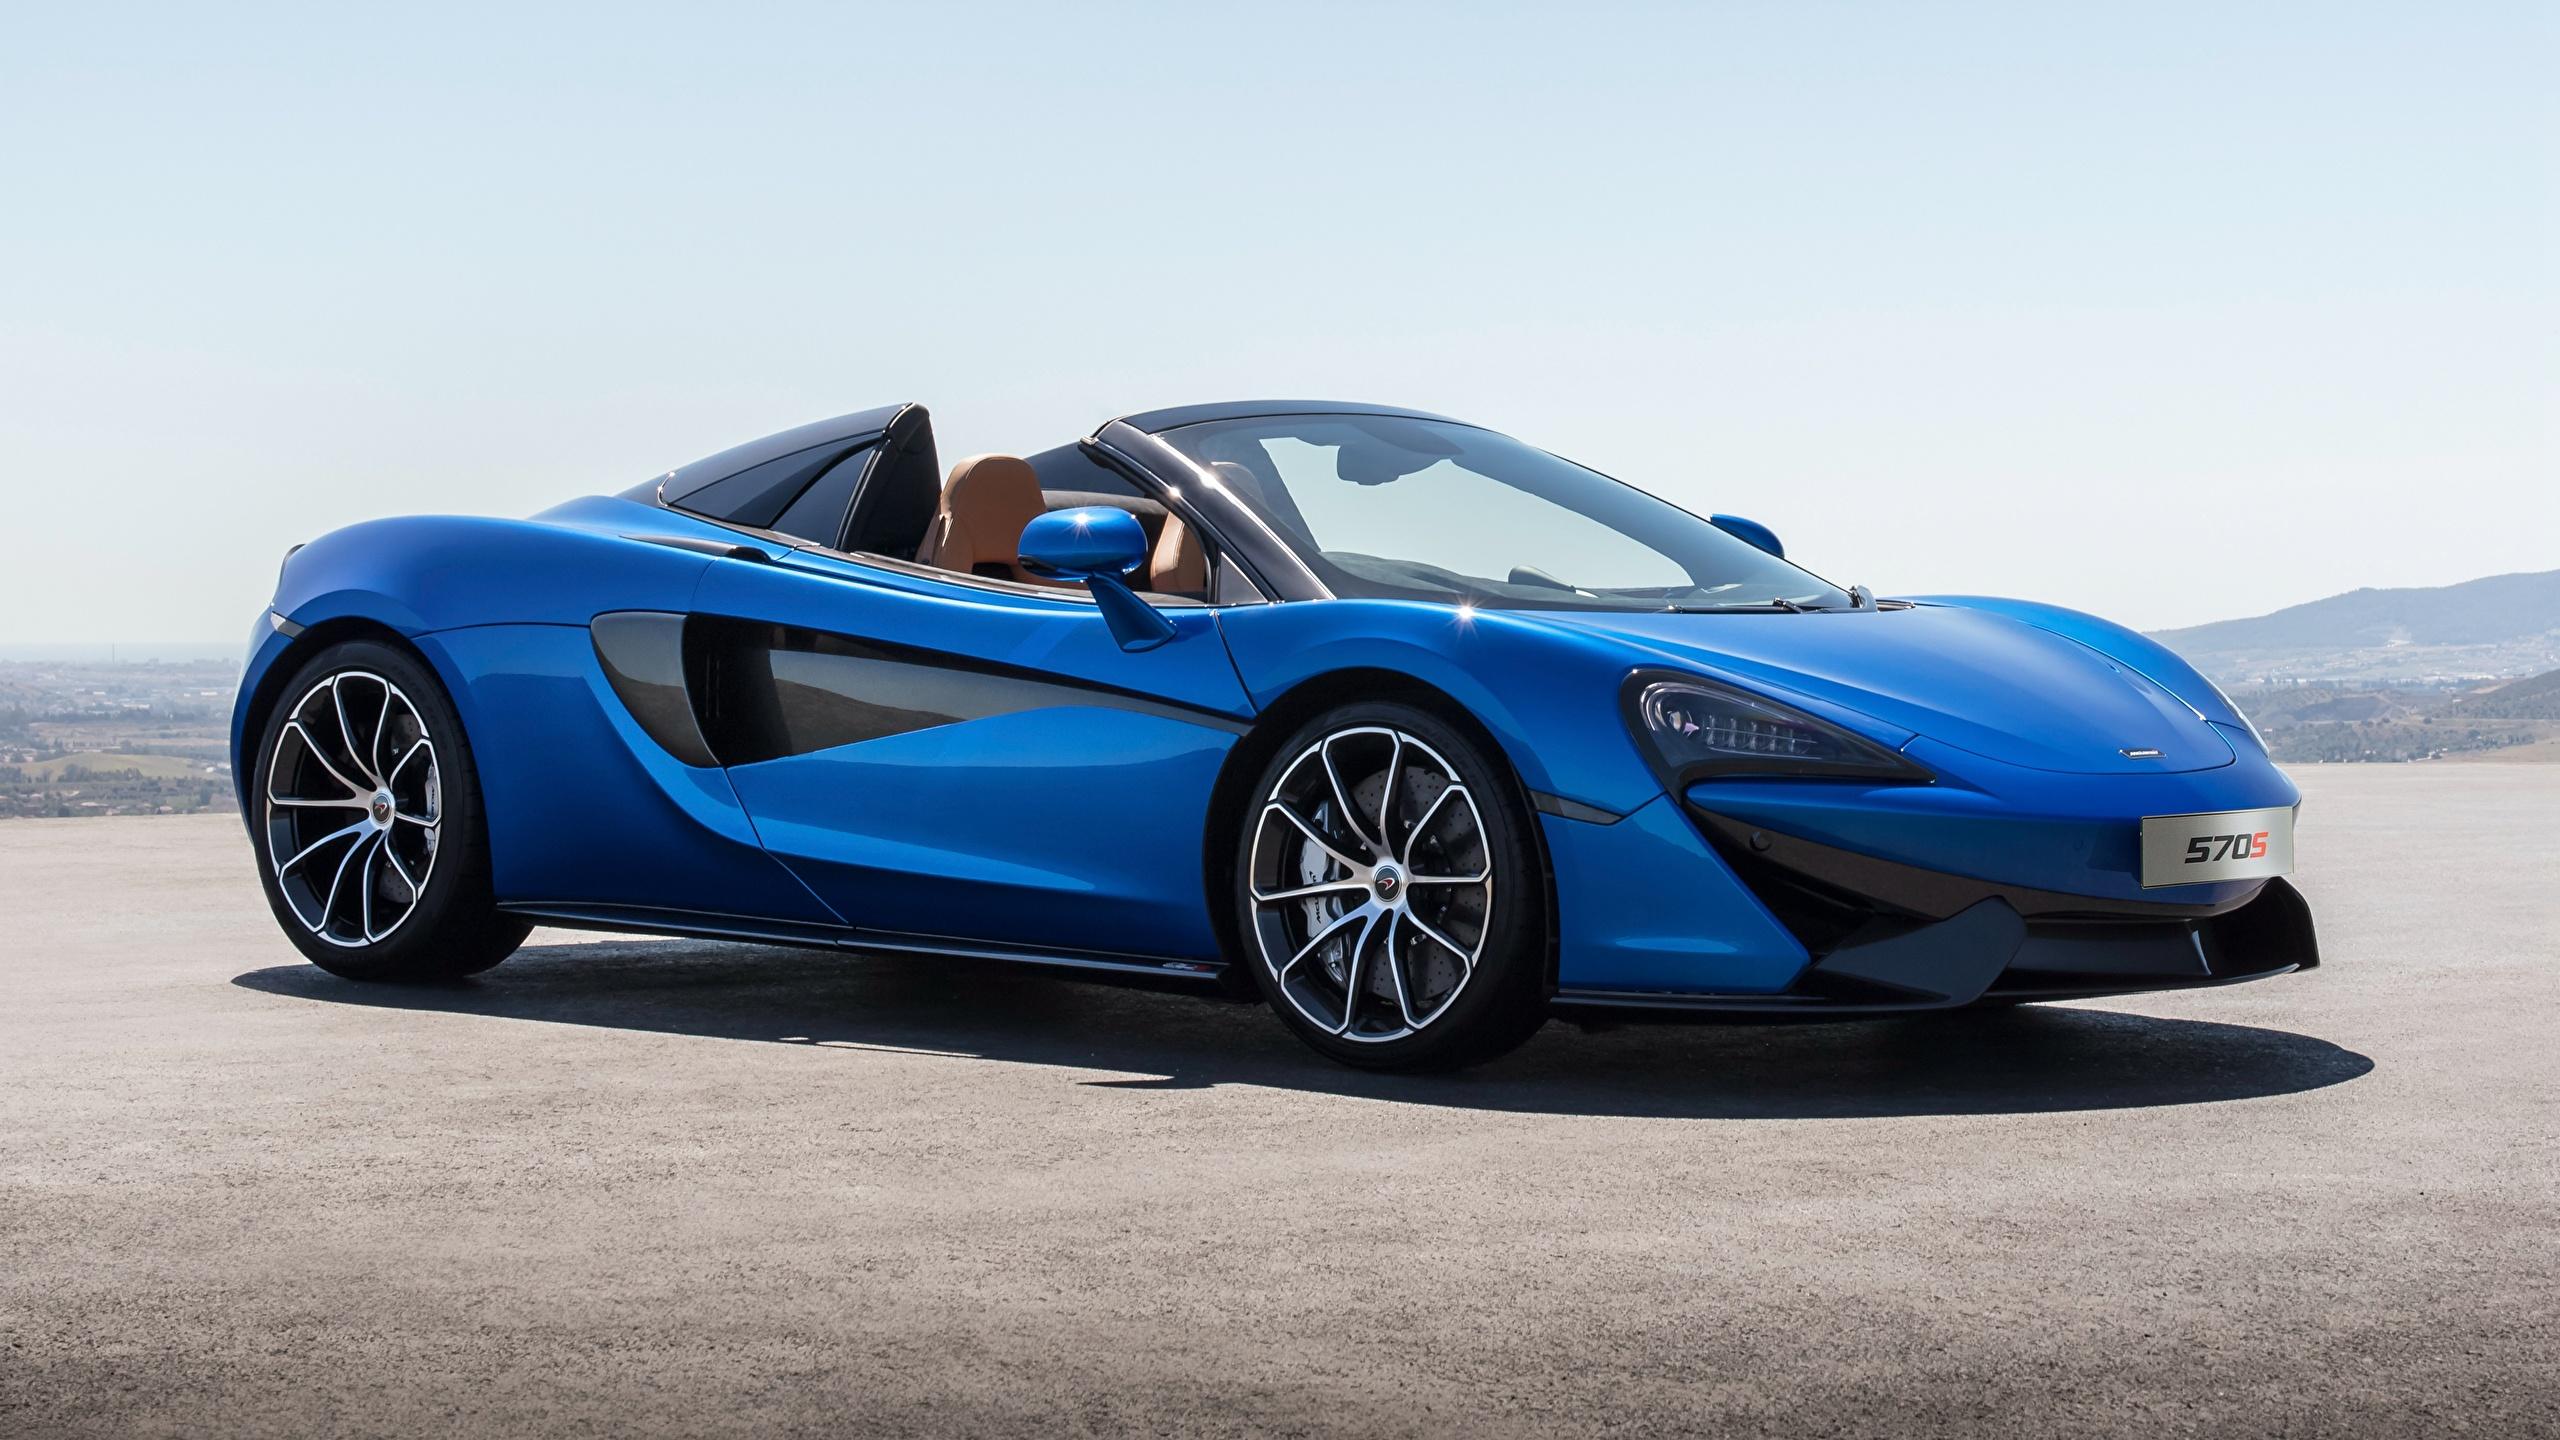 Картинки McLaren 2017 570S Spider Worldwide Родстер синие Автомобили 2560x1440 Макларен синих Синий синяя авто машина машины автомобиль